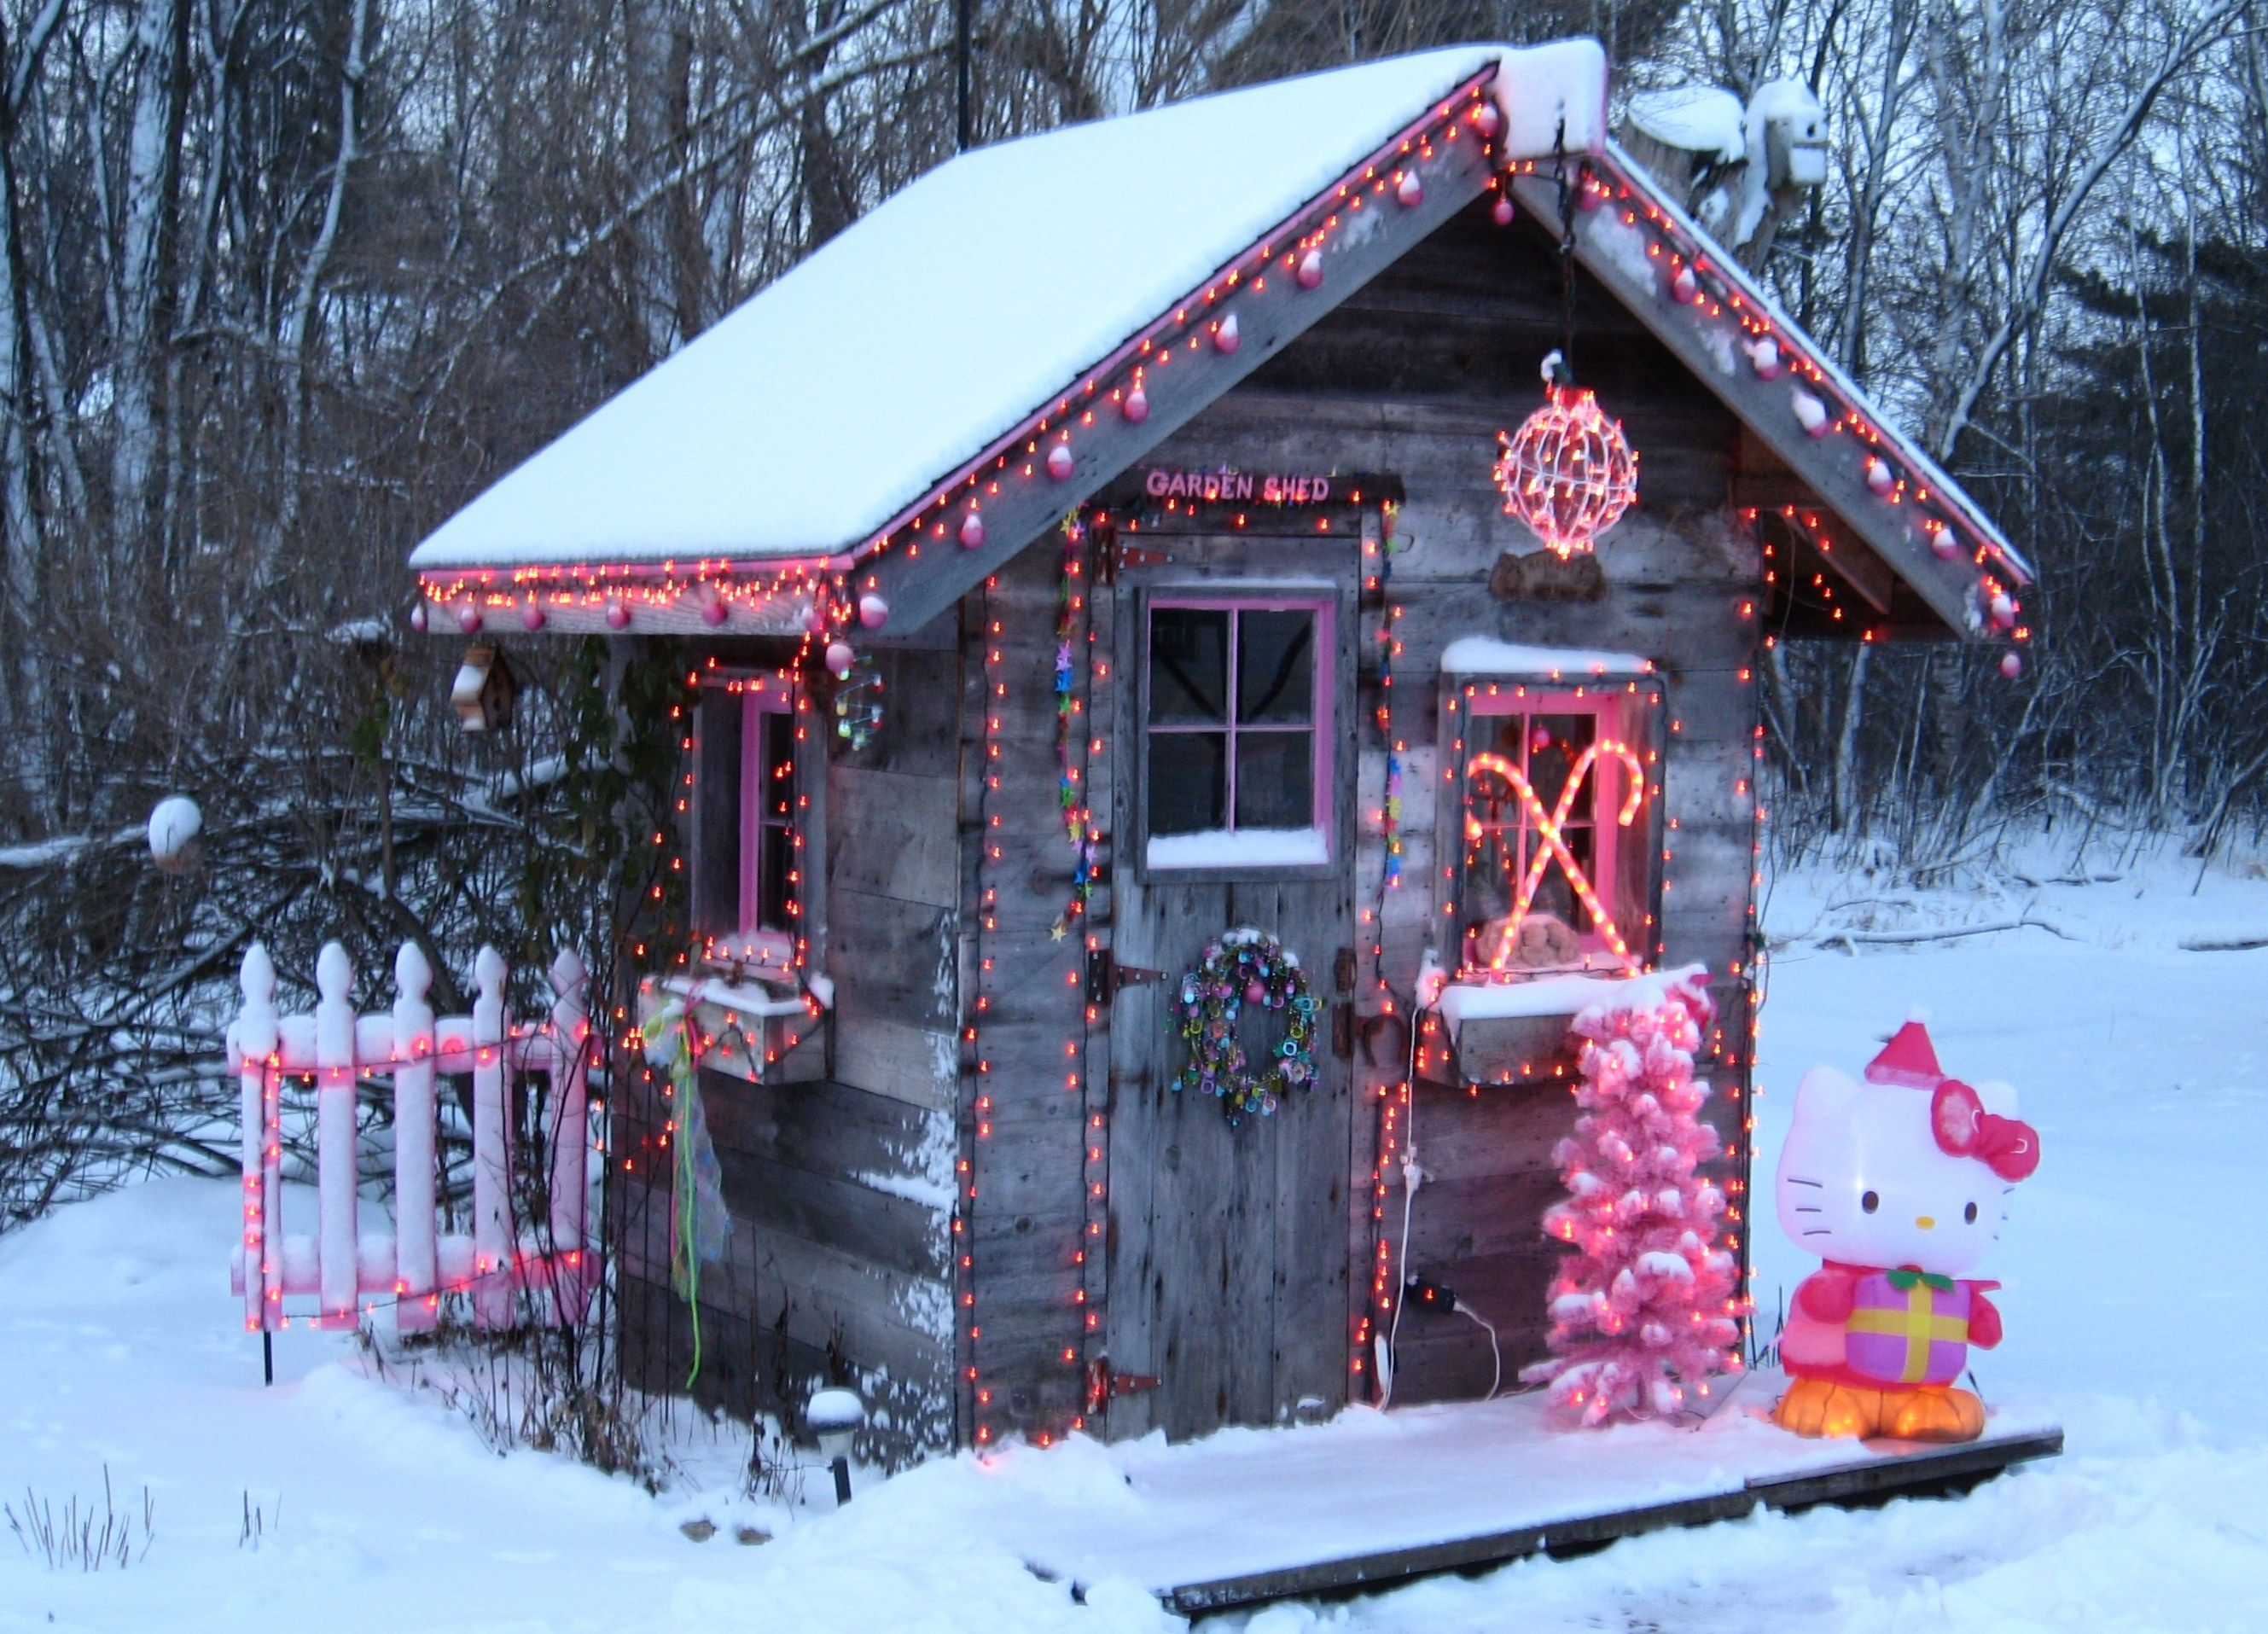 Garden shed at Christmas Christmas garden, Modern